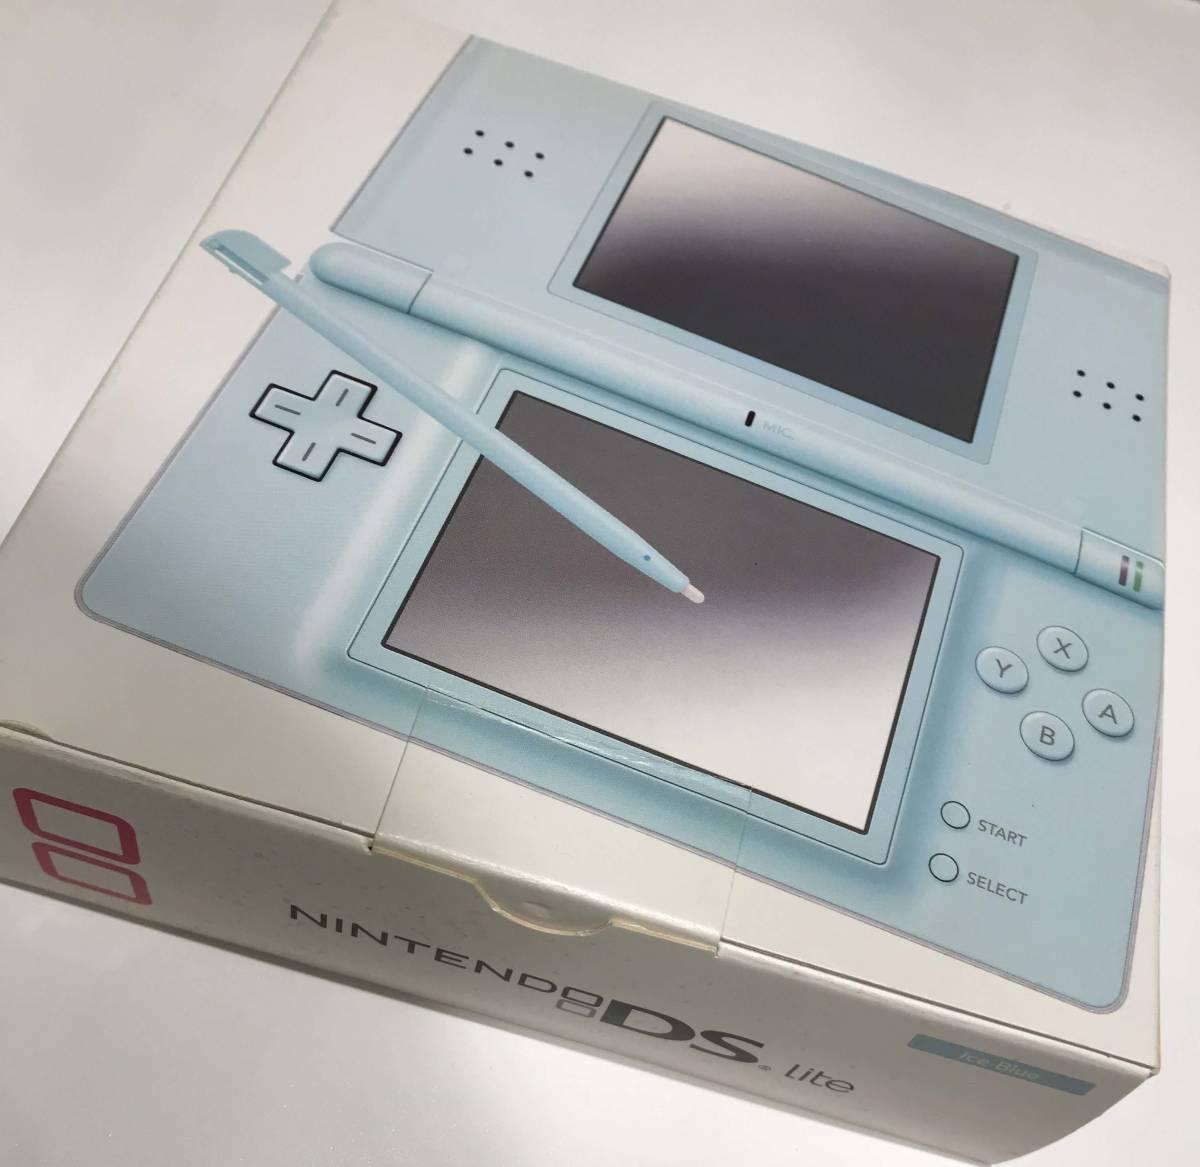 任天堂 nitendo DS Lite ほとんど使っていないままの本体/ Nintendo Switch や 3DS wii U などゲーム好きな方にどうぞ!ただ一つだけ…_画像2